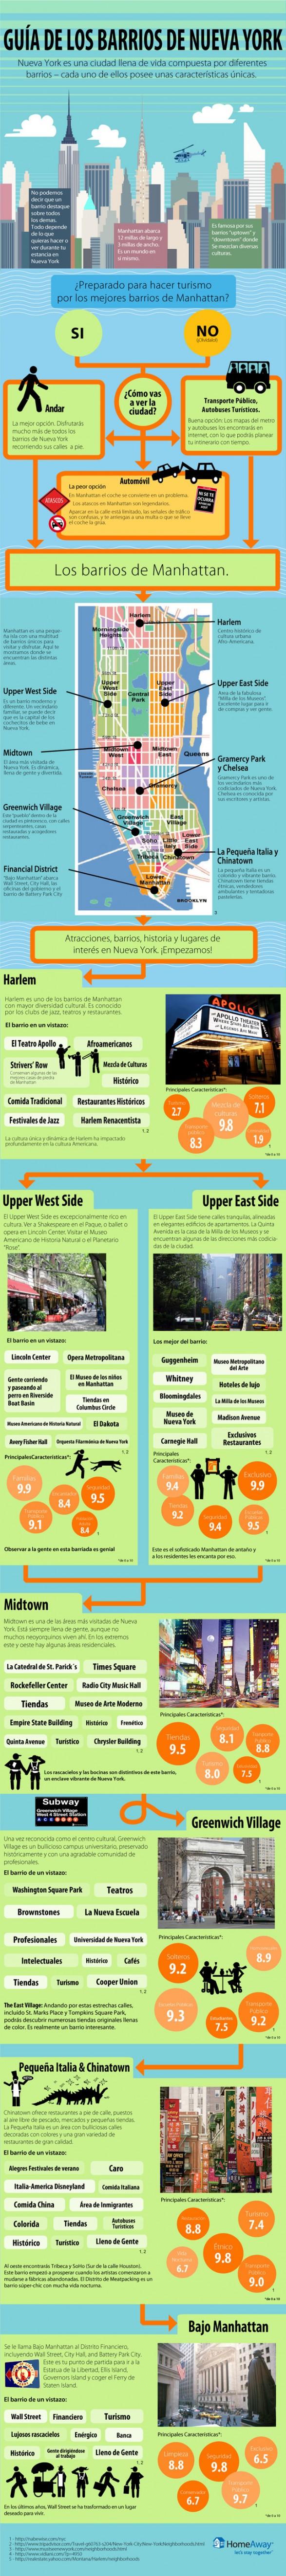 Guía de barrios de Nueva York